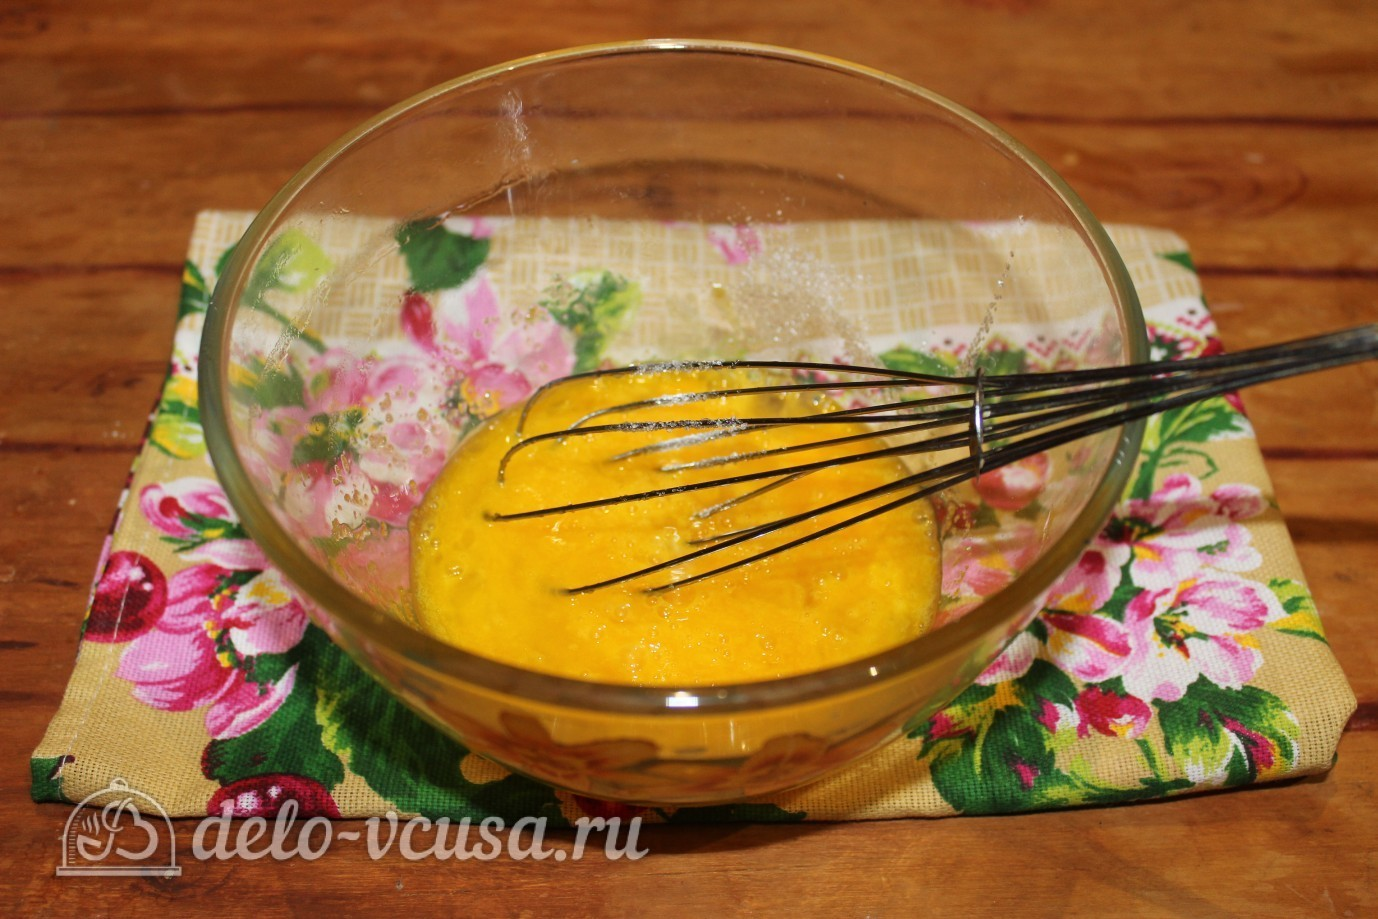 Блины с ветчиной и сыром: Взбить яйца